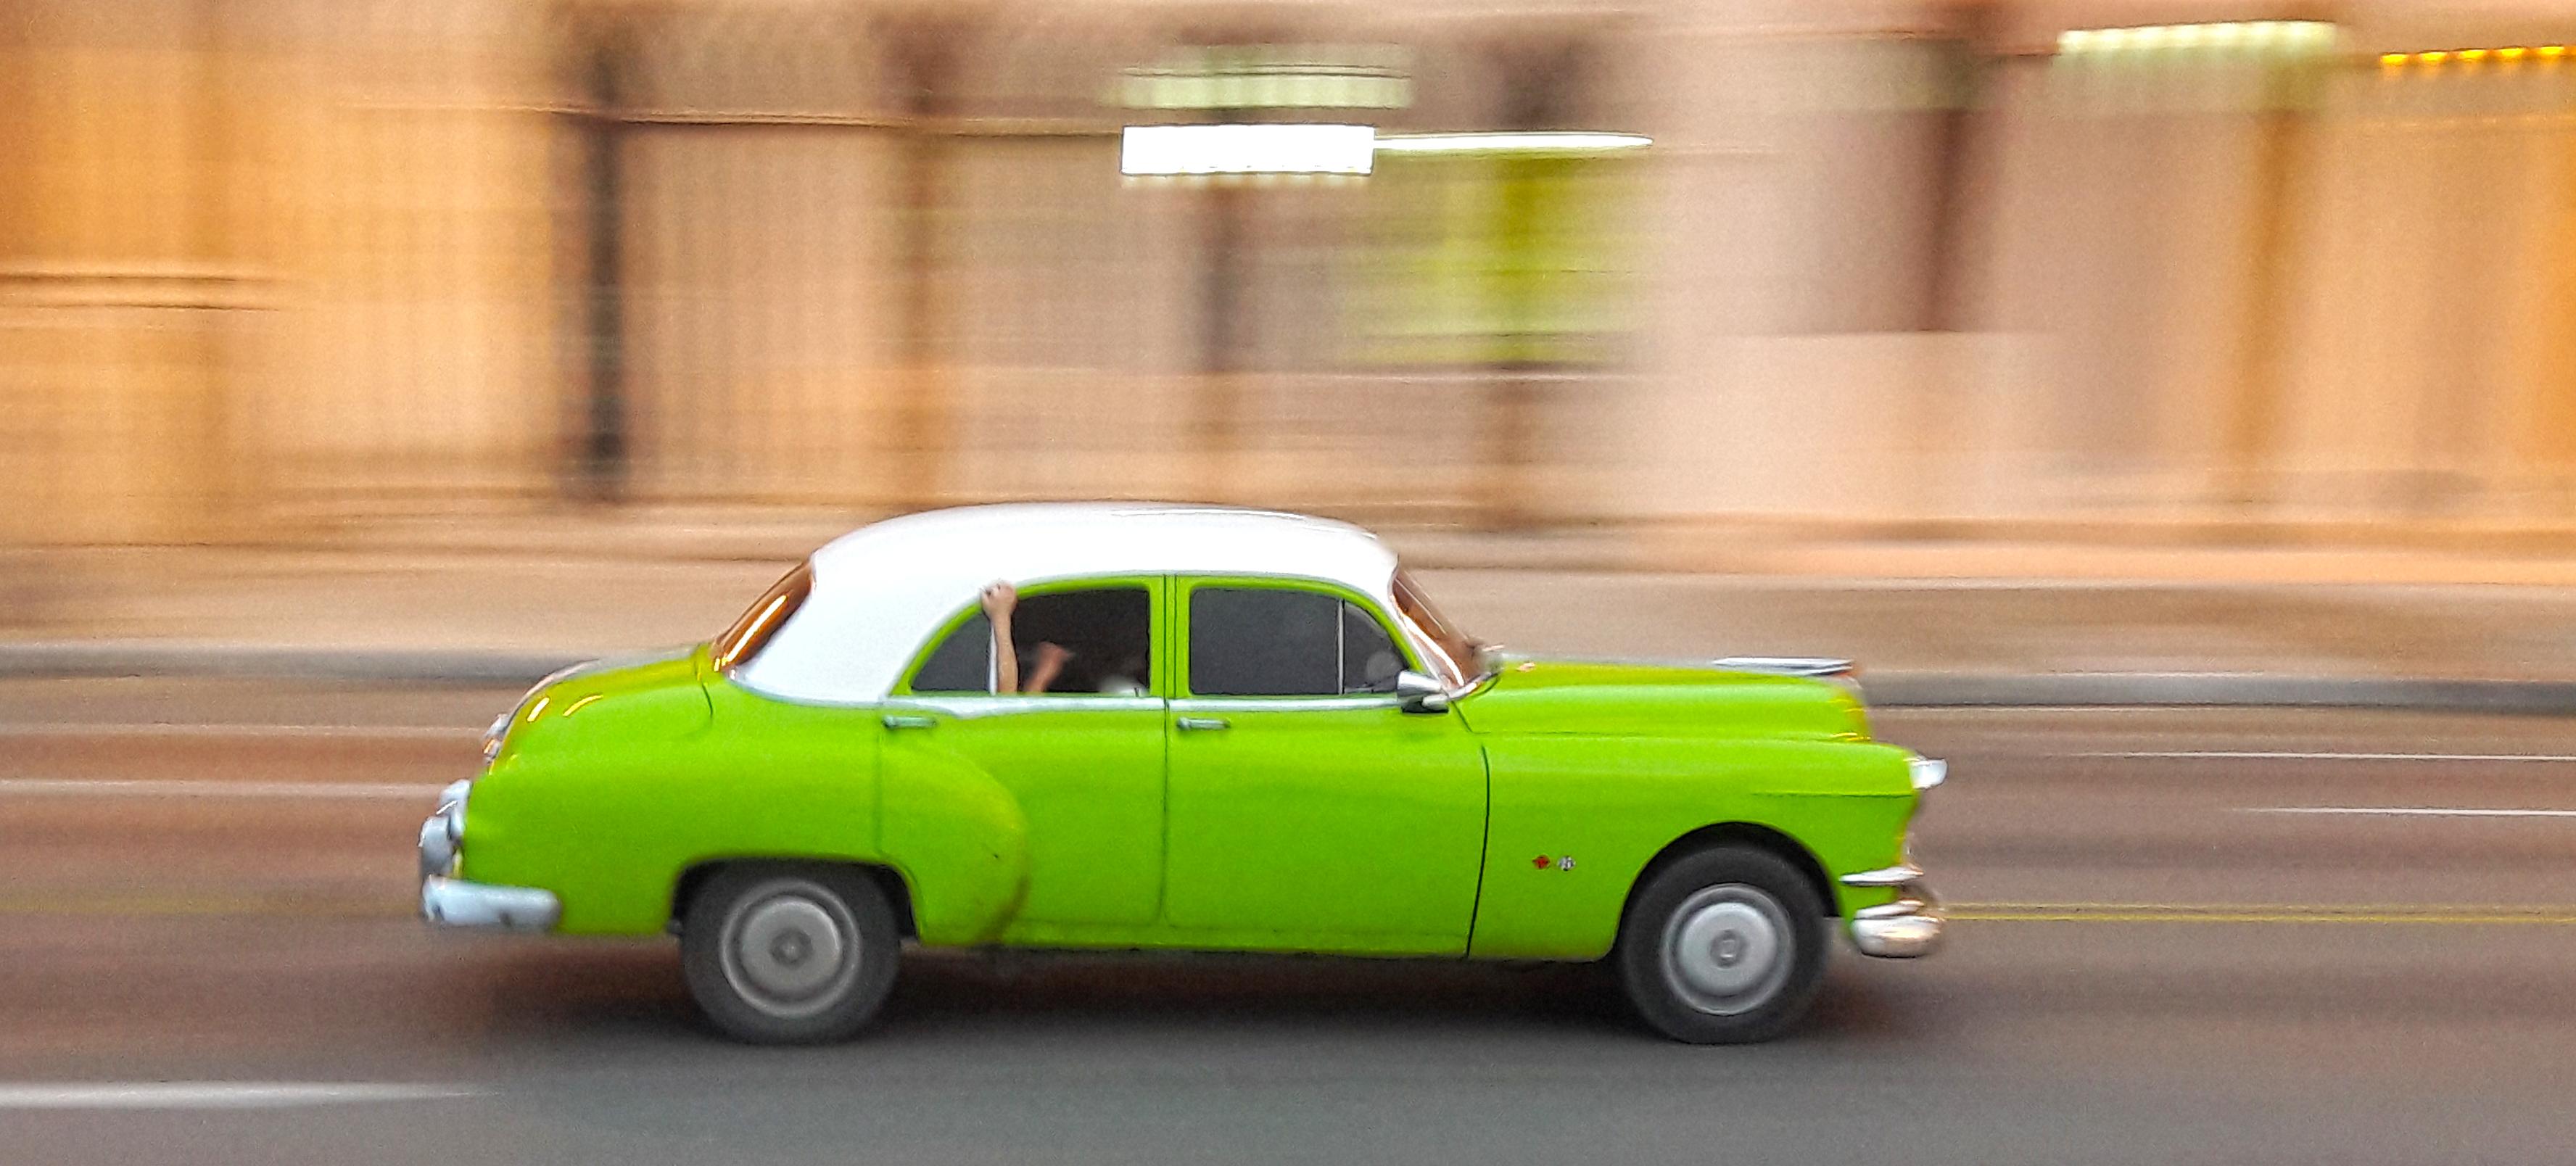 2017 cuban cars